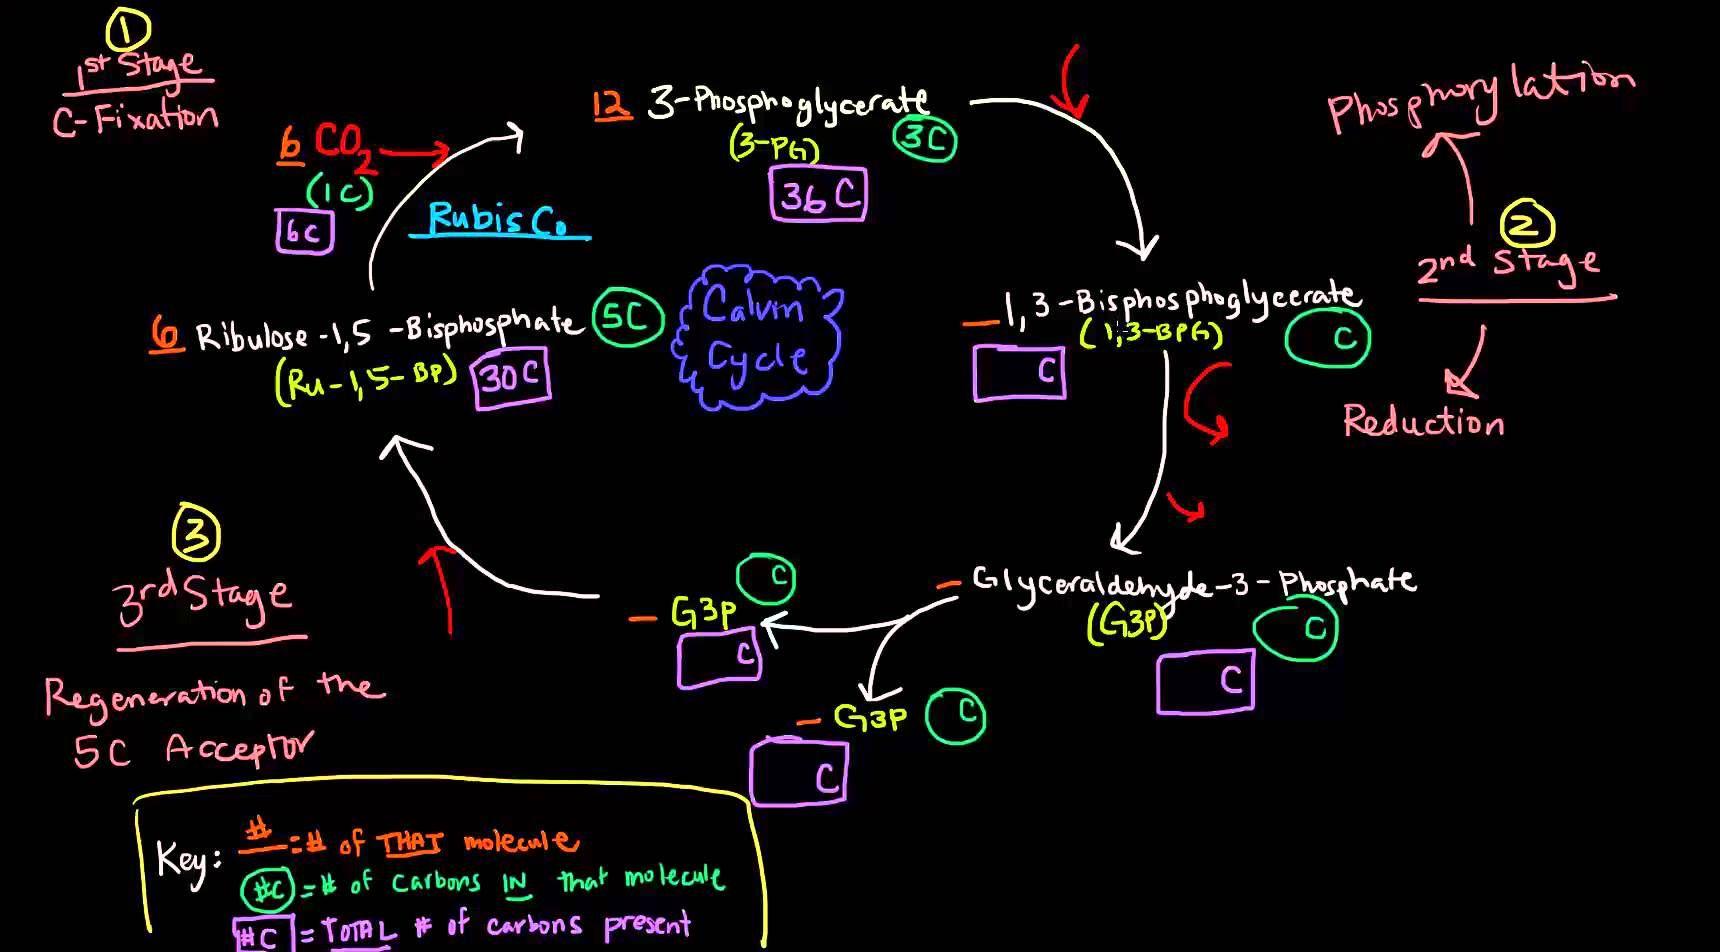 Photosynthesis (Part 3 of 3) - Dark Reactions, Calvin Cycle, Carbon Fixa...